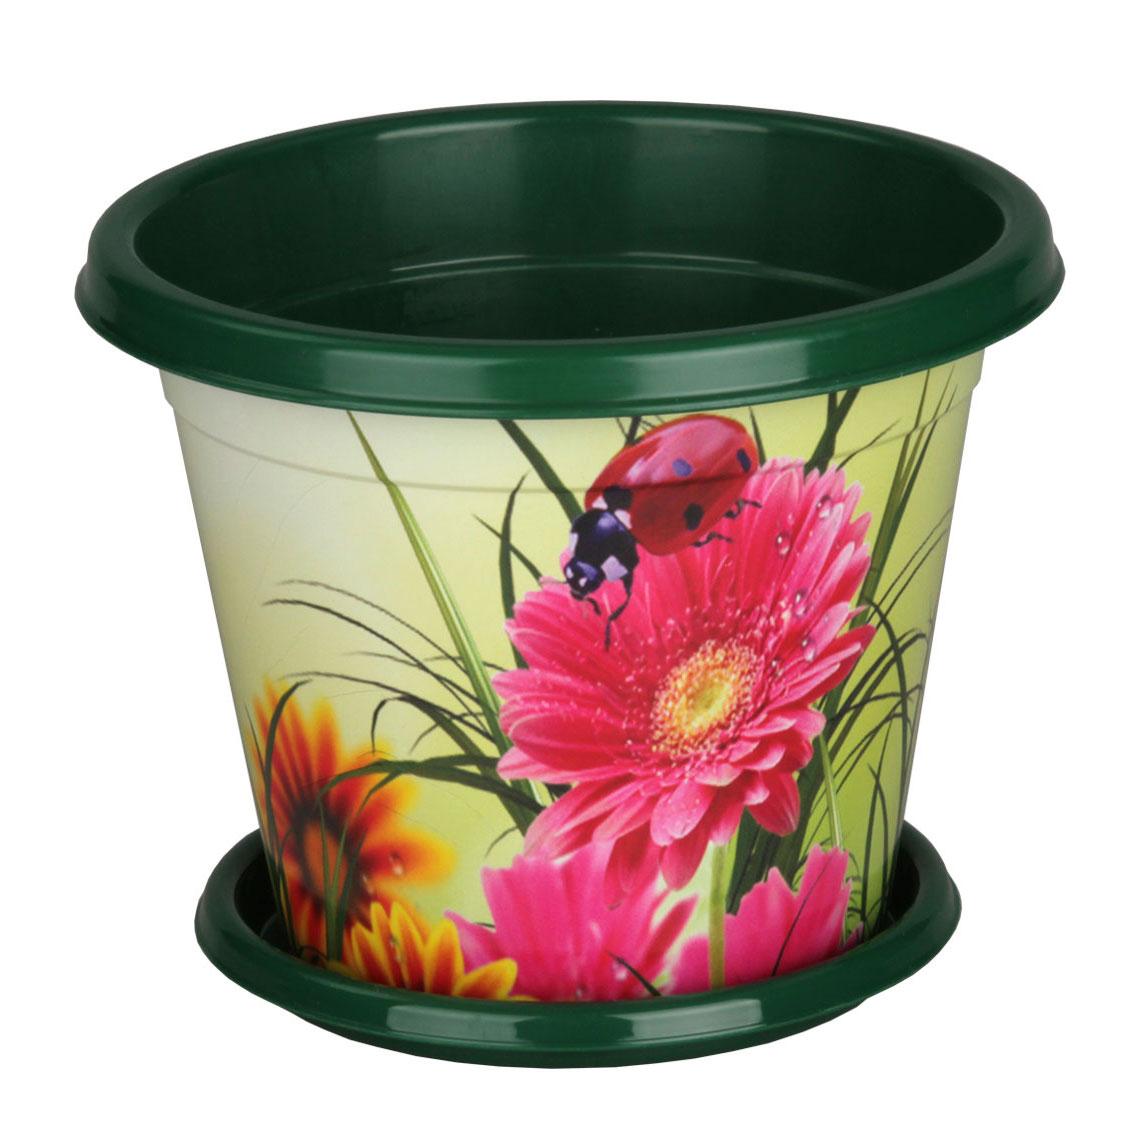 Горшок-кашпо Альтернатива Цветочный блюз, с поддоном, 3 лМ2407Горшок-кашпо Альтернатива Цветочный блюз изготовлен из прочного пластика и оформлен красивым цветочным рисунком. Круглый поддон предназначен для стока воды. Изделие подходит для выращивания растений и цветов в домашних условиях. Такой горшок порадует вас изысканным дизайном и функциональностью, а также оригинально украсит интерьер помещения. Диаметр горшка (по верхнему краю): 20,5 см. Высота горшка: 17,2 см. Диаметр поддона: 15,5 см. Объем горшка: 3 л.